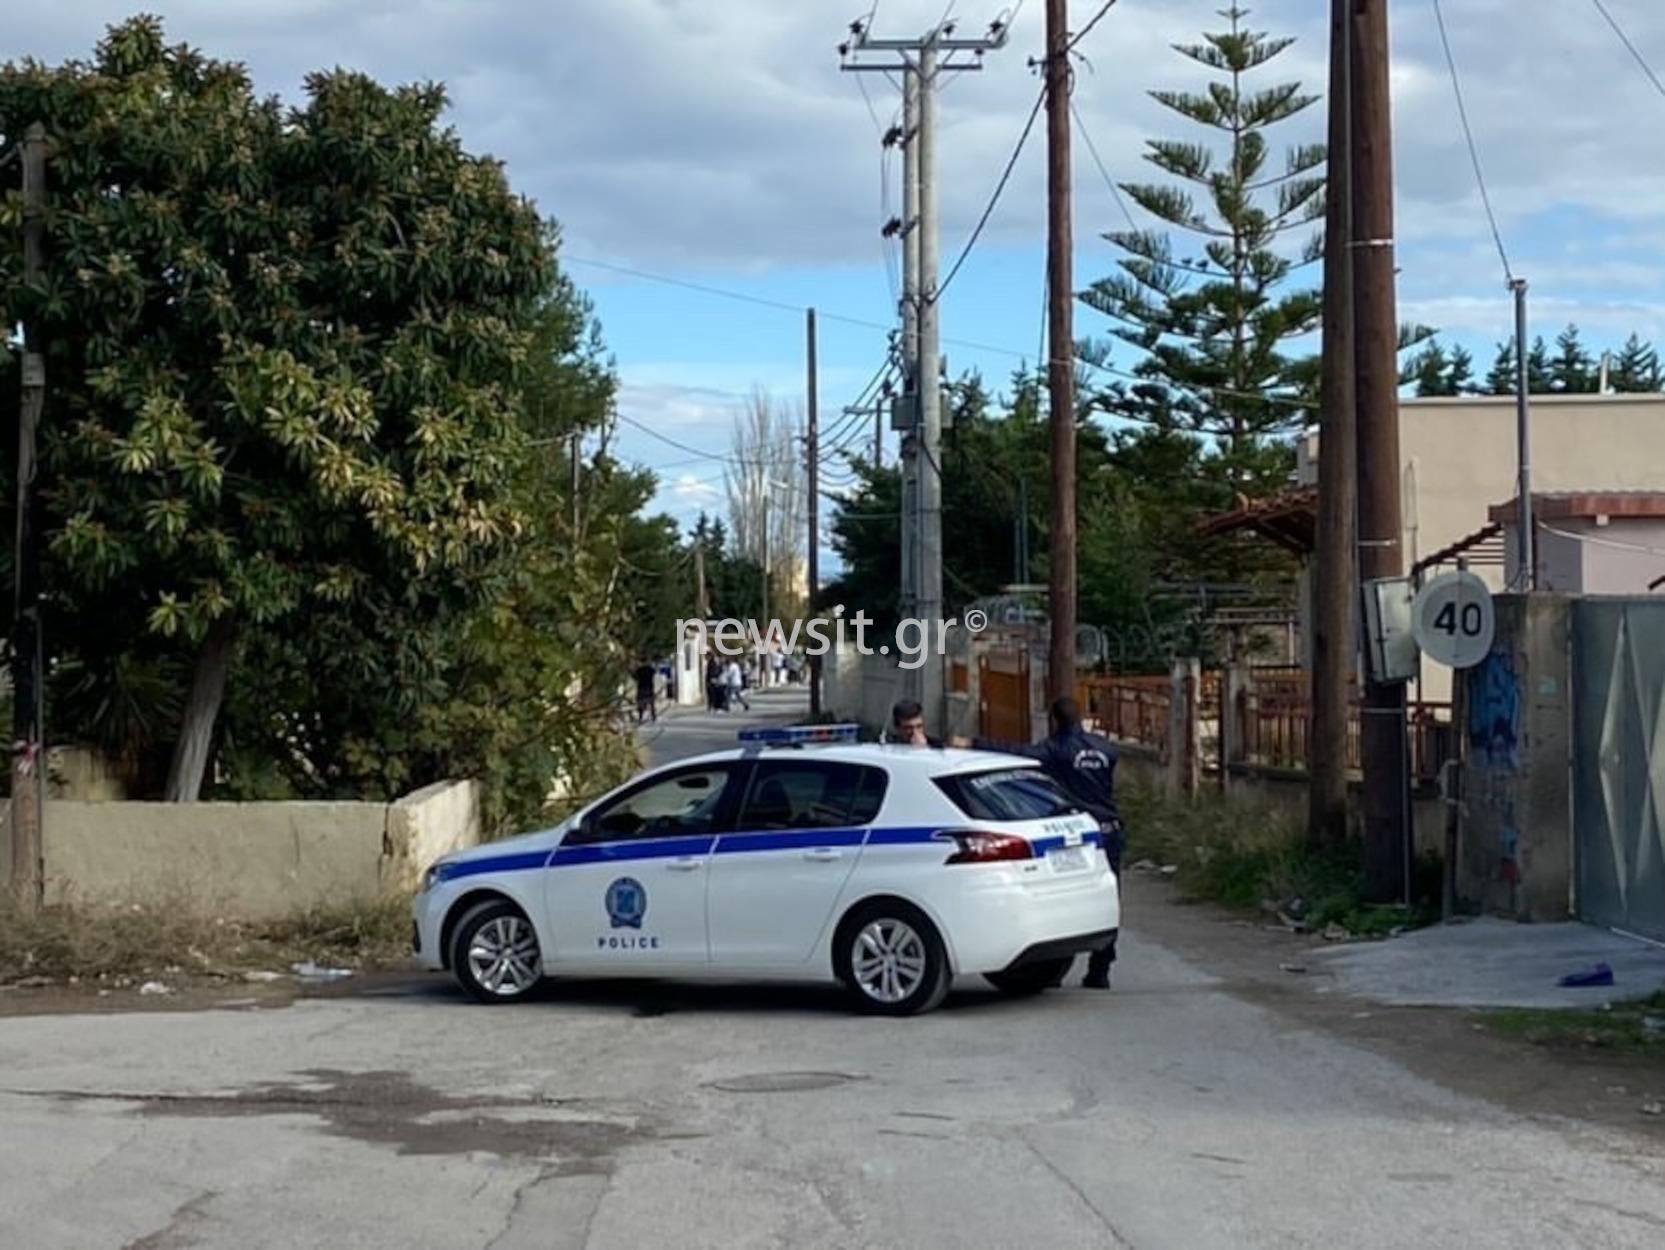 Μέγαρα: «Ταμπούρι» Ρομά σε σπίτι αφού πυροβόλησαν ξαδέρφια τους – Μεγάλη επιχείρηση της ΕΛΑΣ (pics, video)